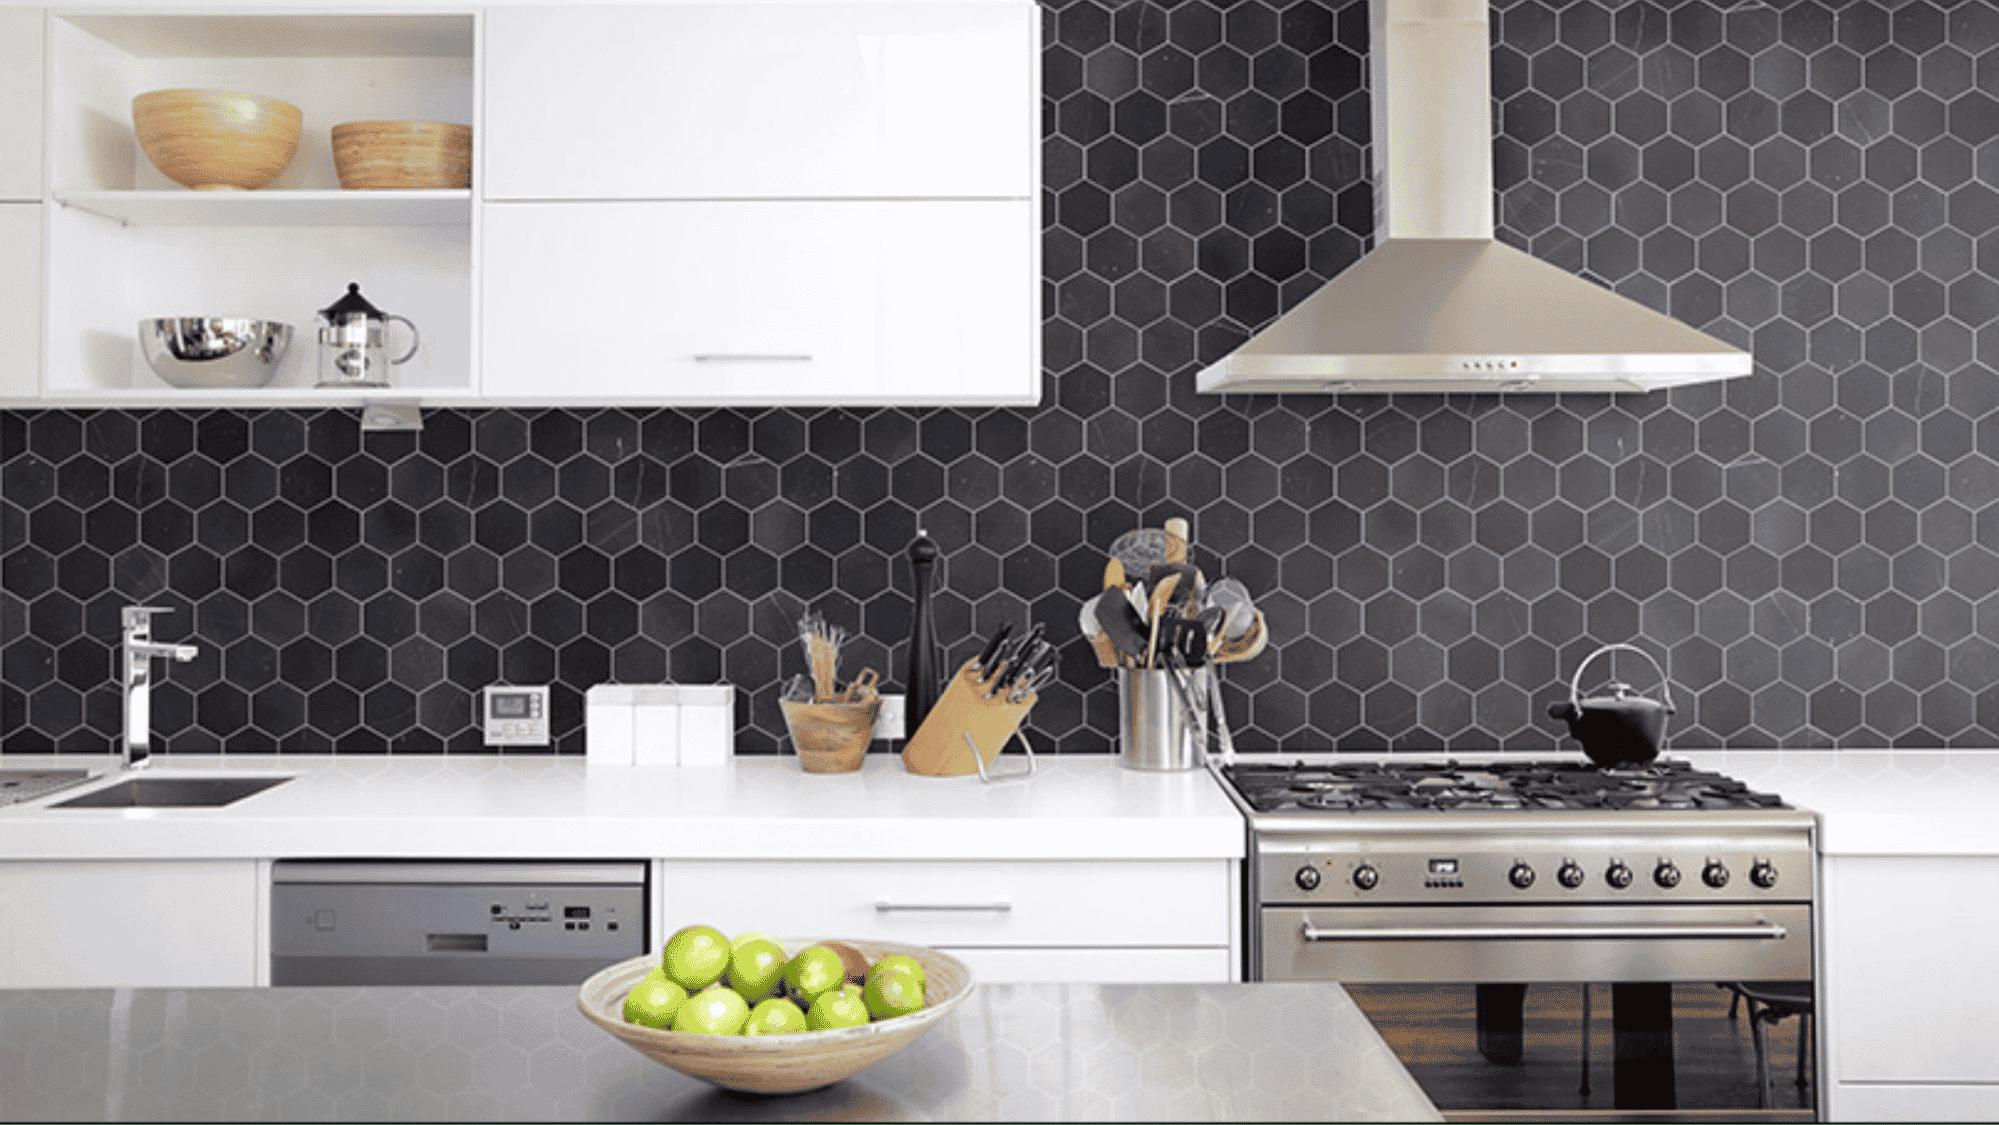 Geometric Shaped tiles